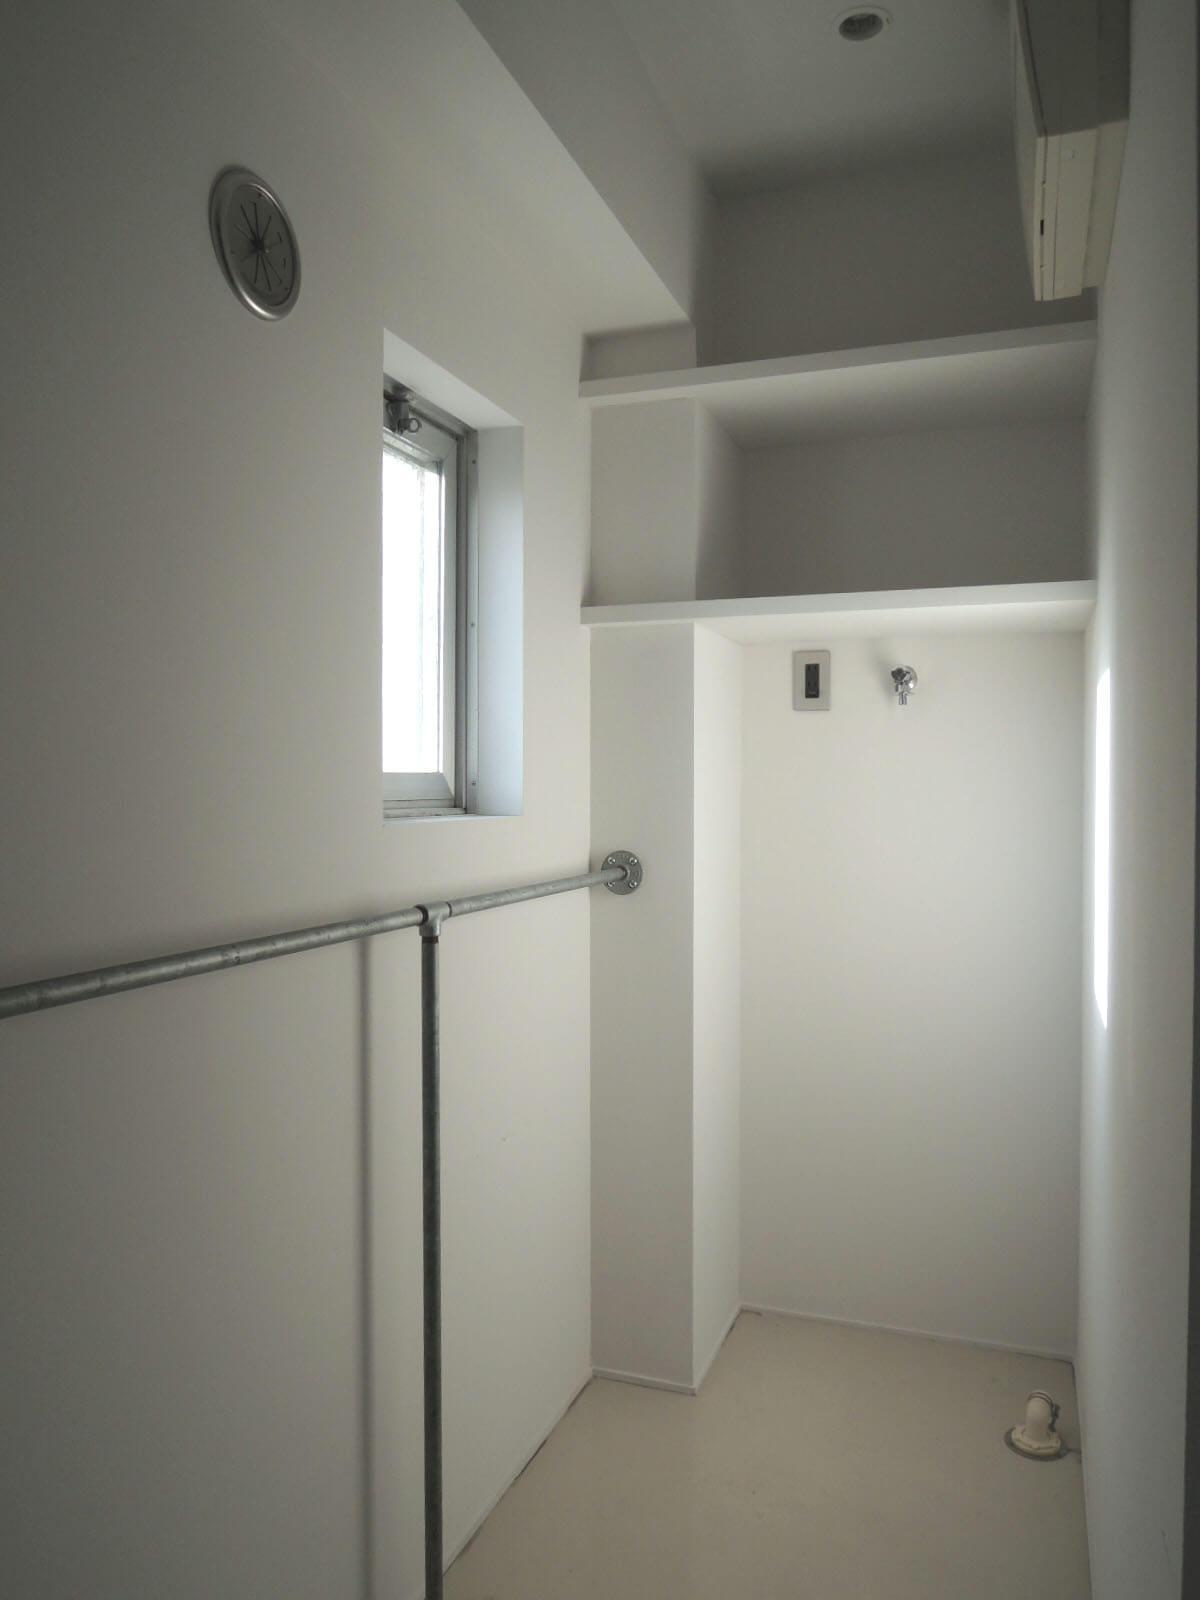 光が射す洗濯機置場、壁付けのパイプが何かと便利